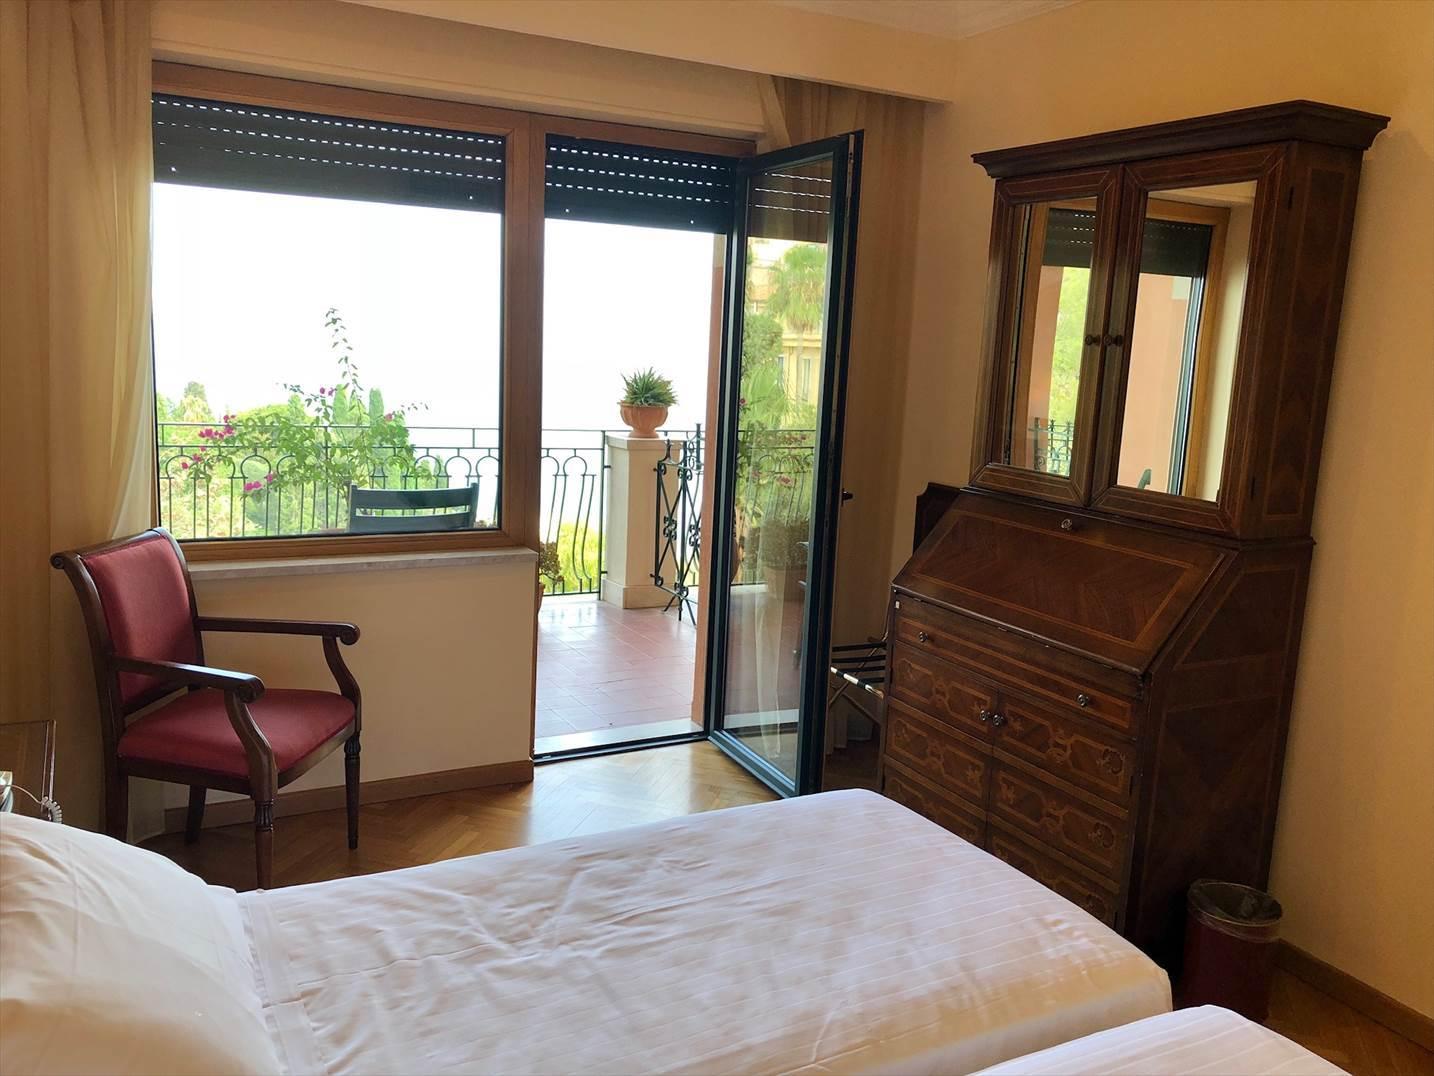 シチリア/41 タオルミーナのホテル Villa Diodoro_a0092659_18183055.jpg